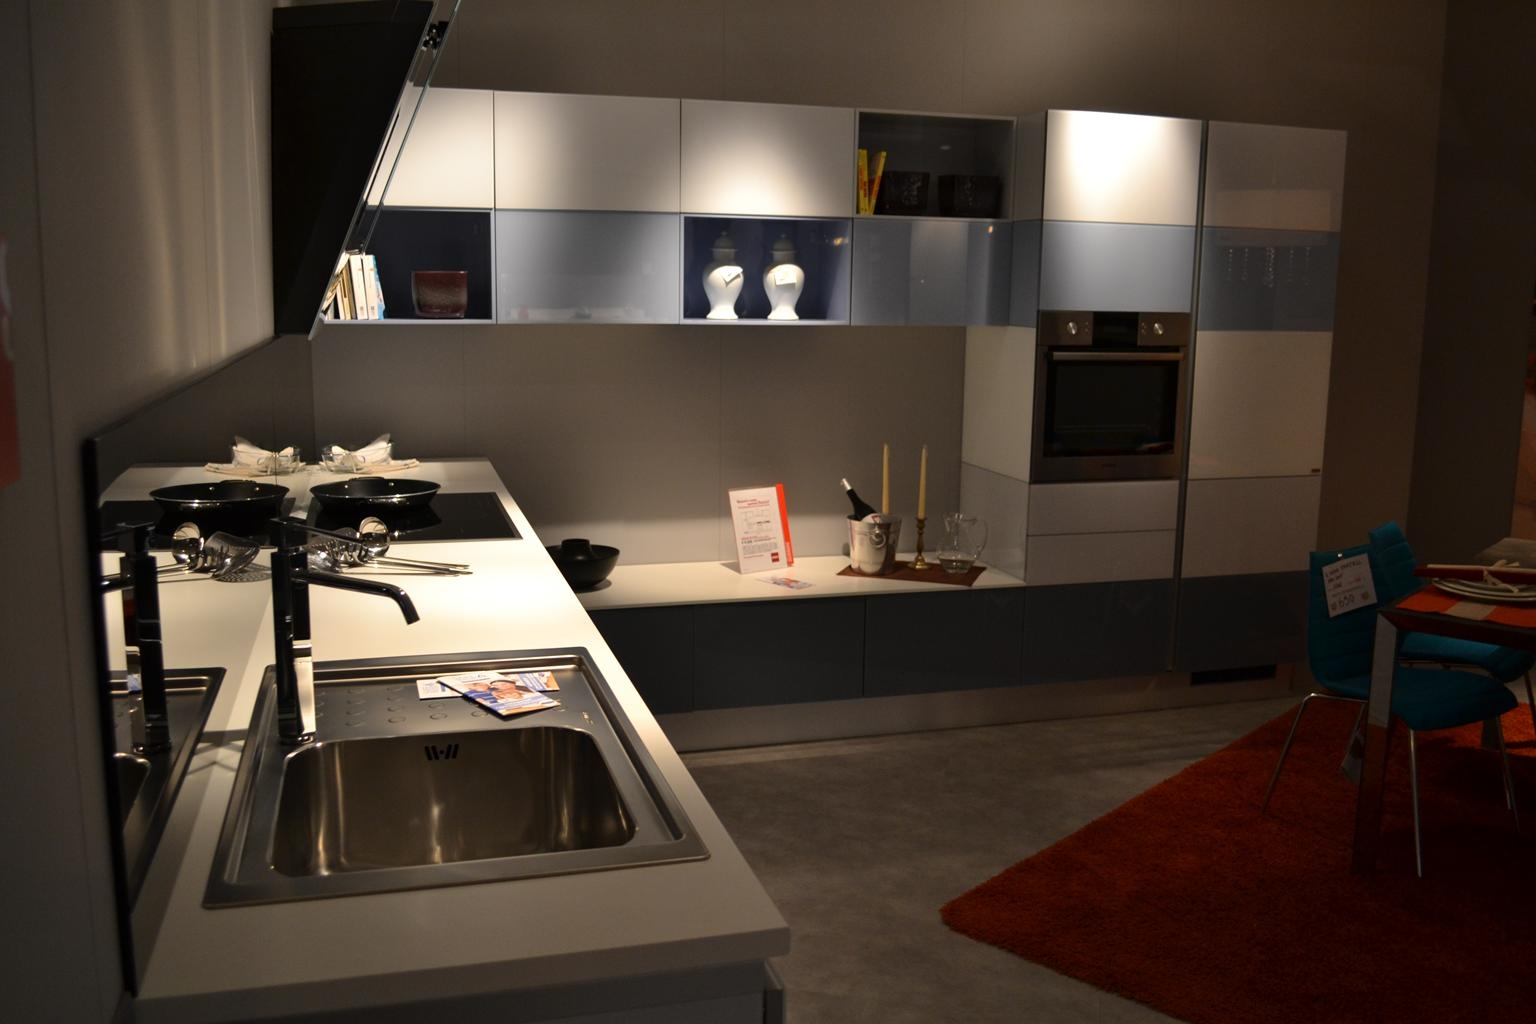 Cucina Scavolini Tetrix vetro multicolor lucida Design - Cucine a prezzi scon...